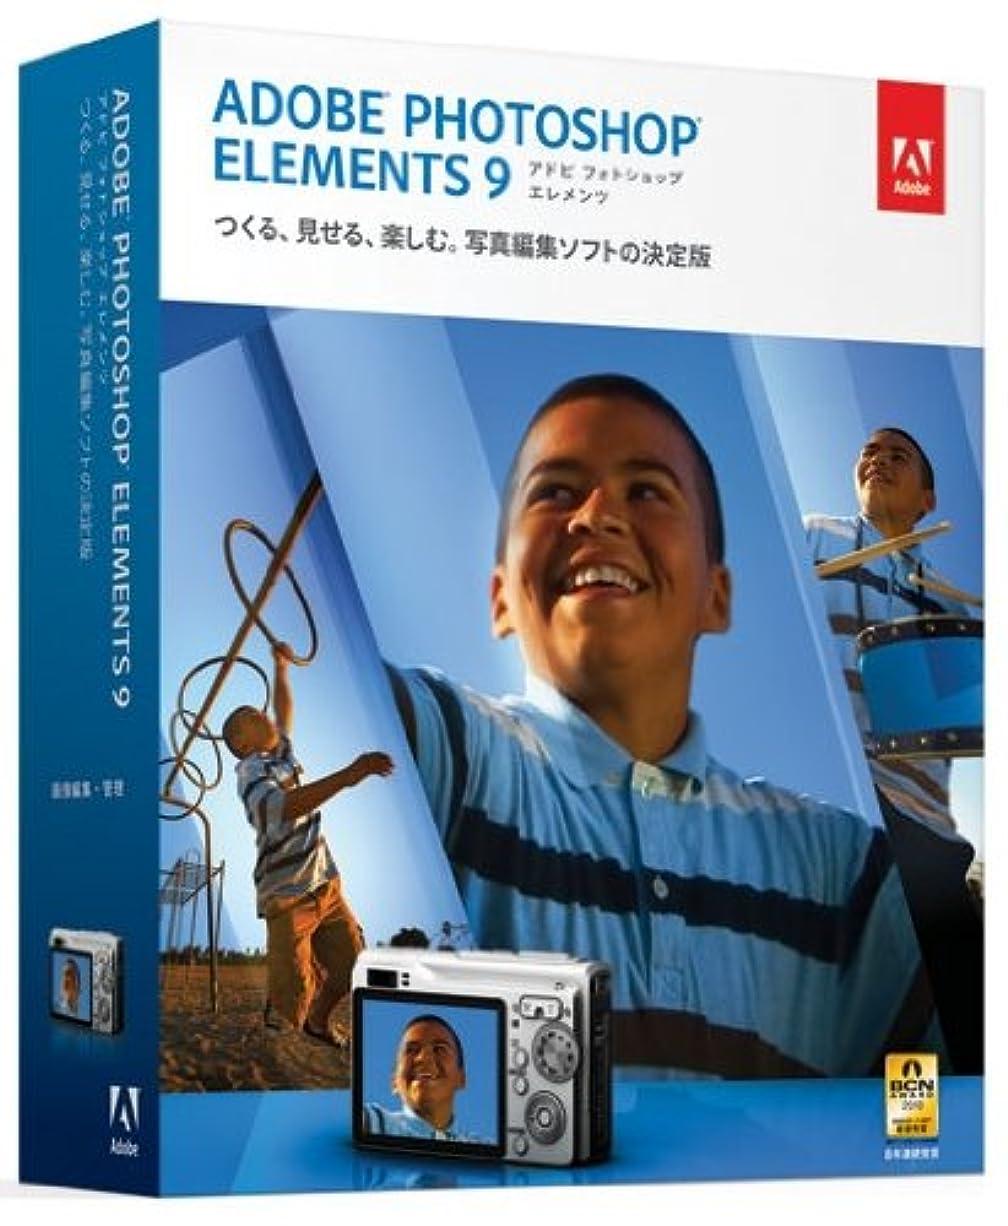 調整する汚れる代名詞Adobe Photoshop Elements 9 日本語版 Windows/Macintosh版 (旧価格品)